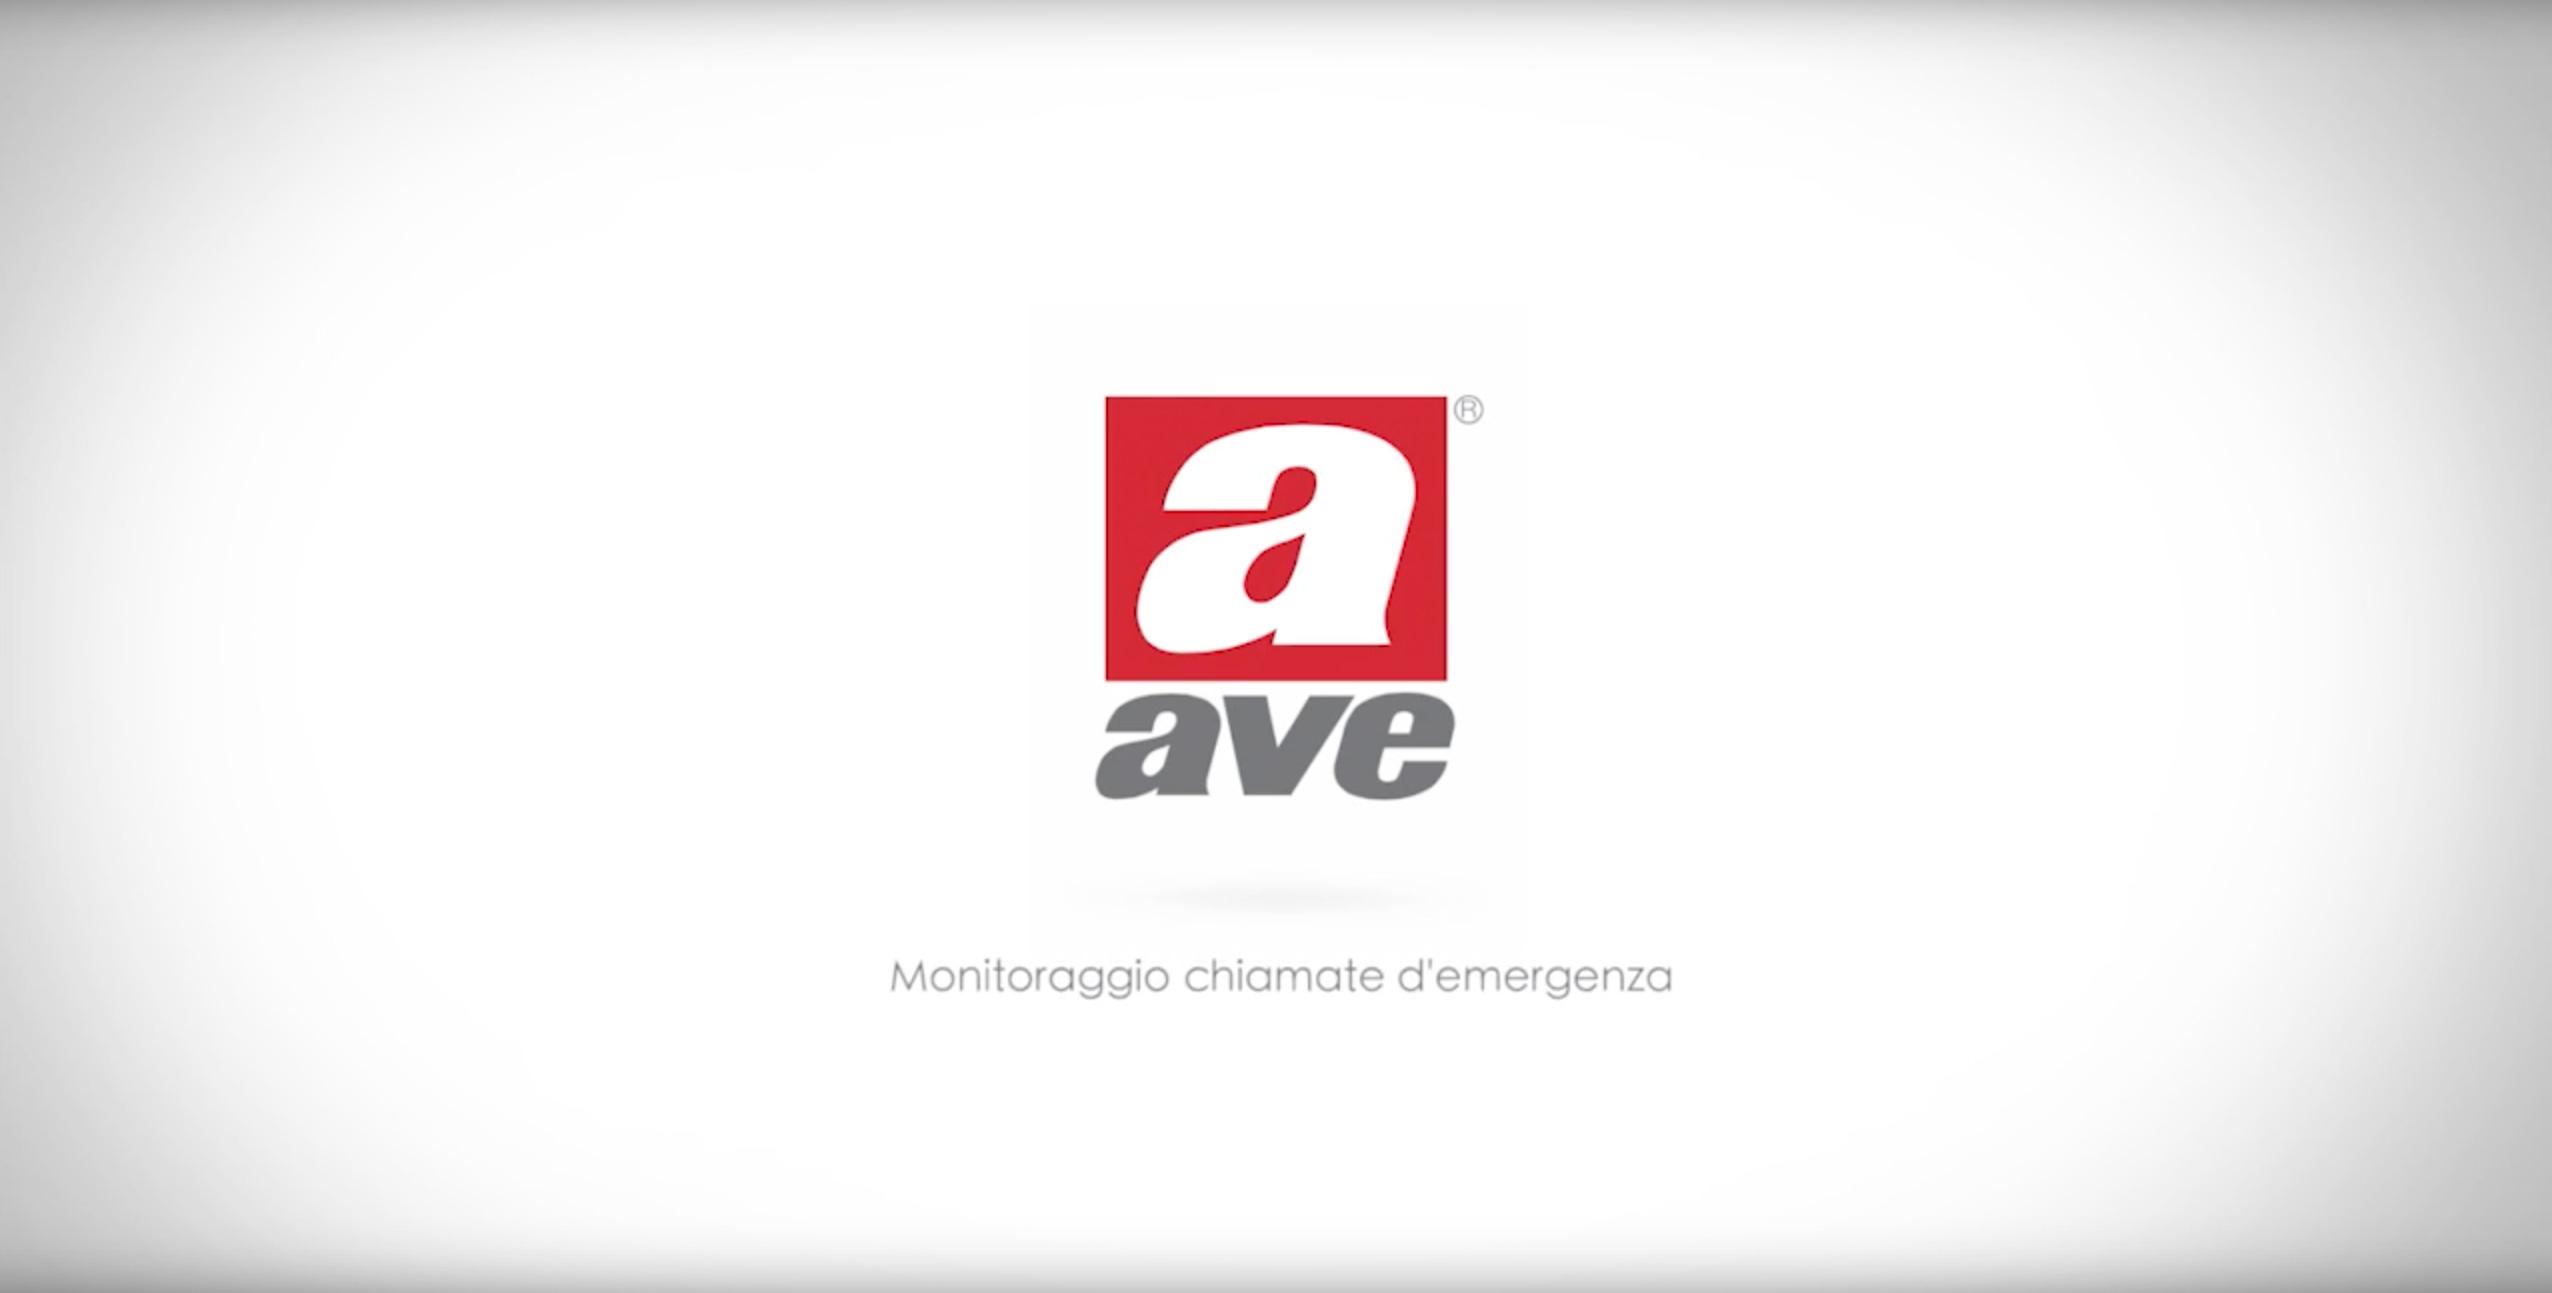 Monitoraggio chiamete d'emergenza AVE